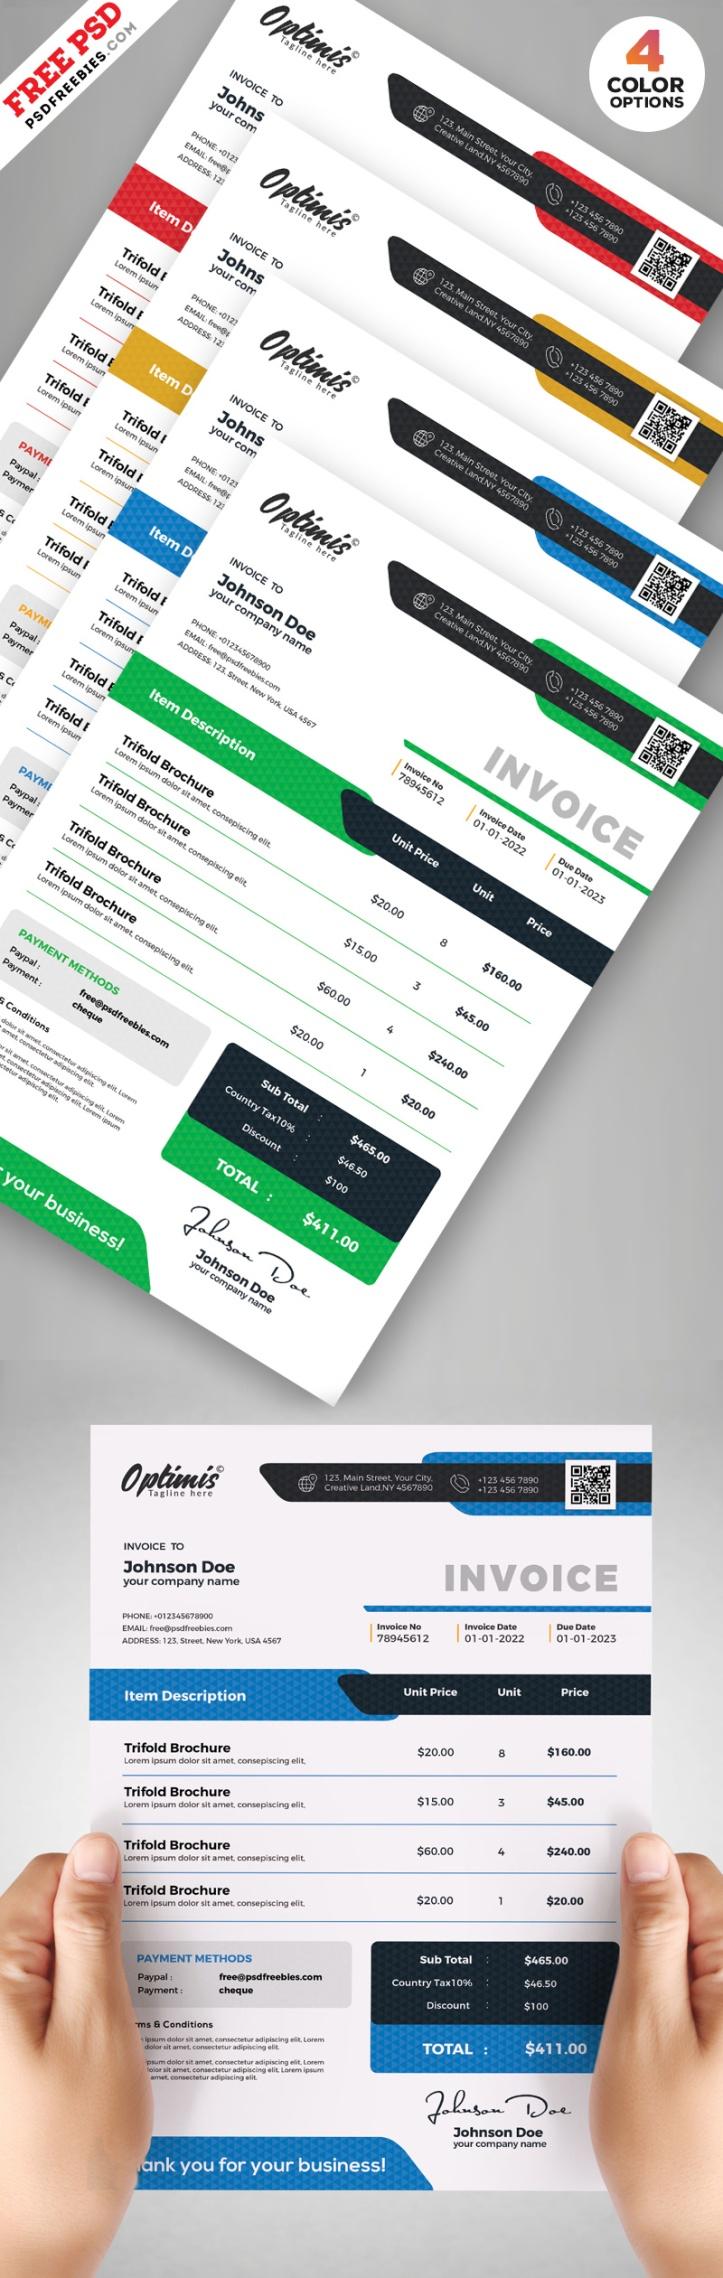 Plantilla de factura diseño comercial PSD descarga gratis